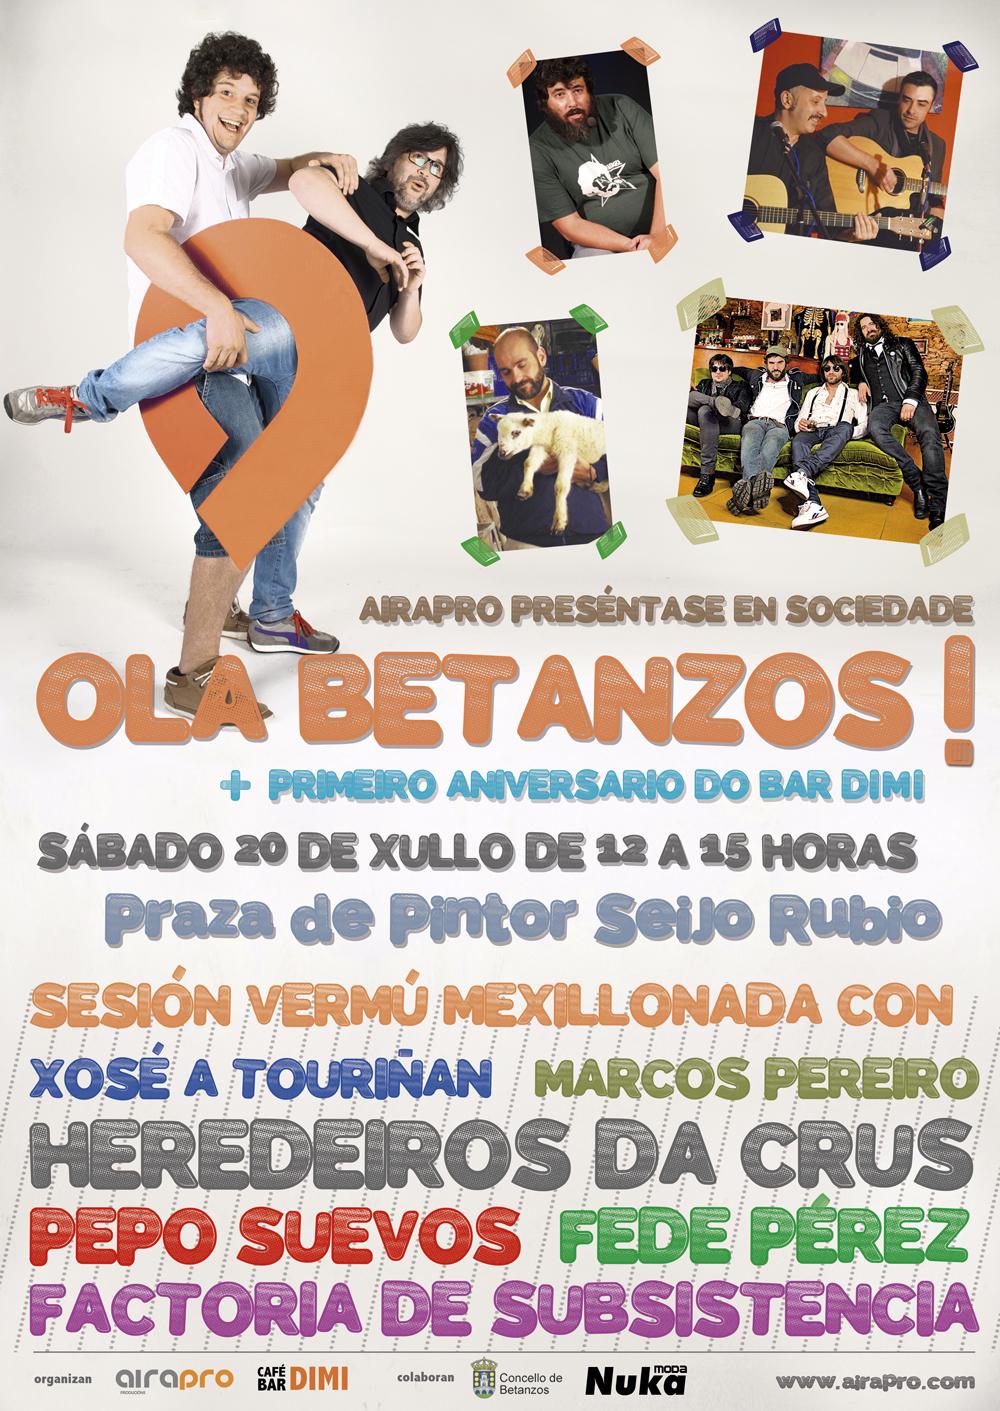 08. Ola Betanzos